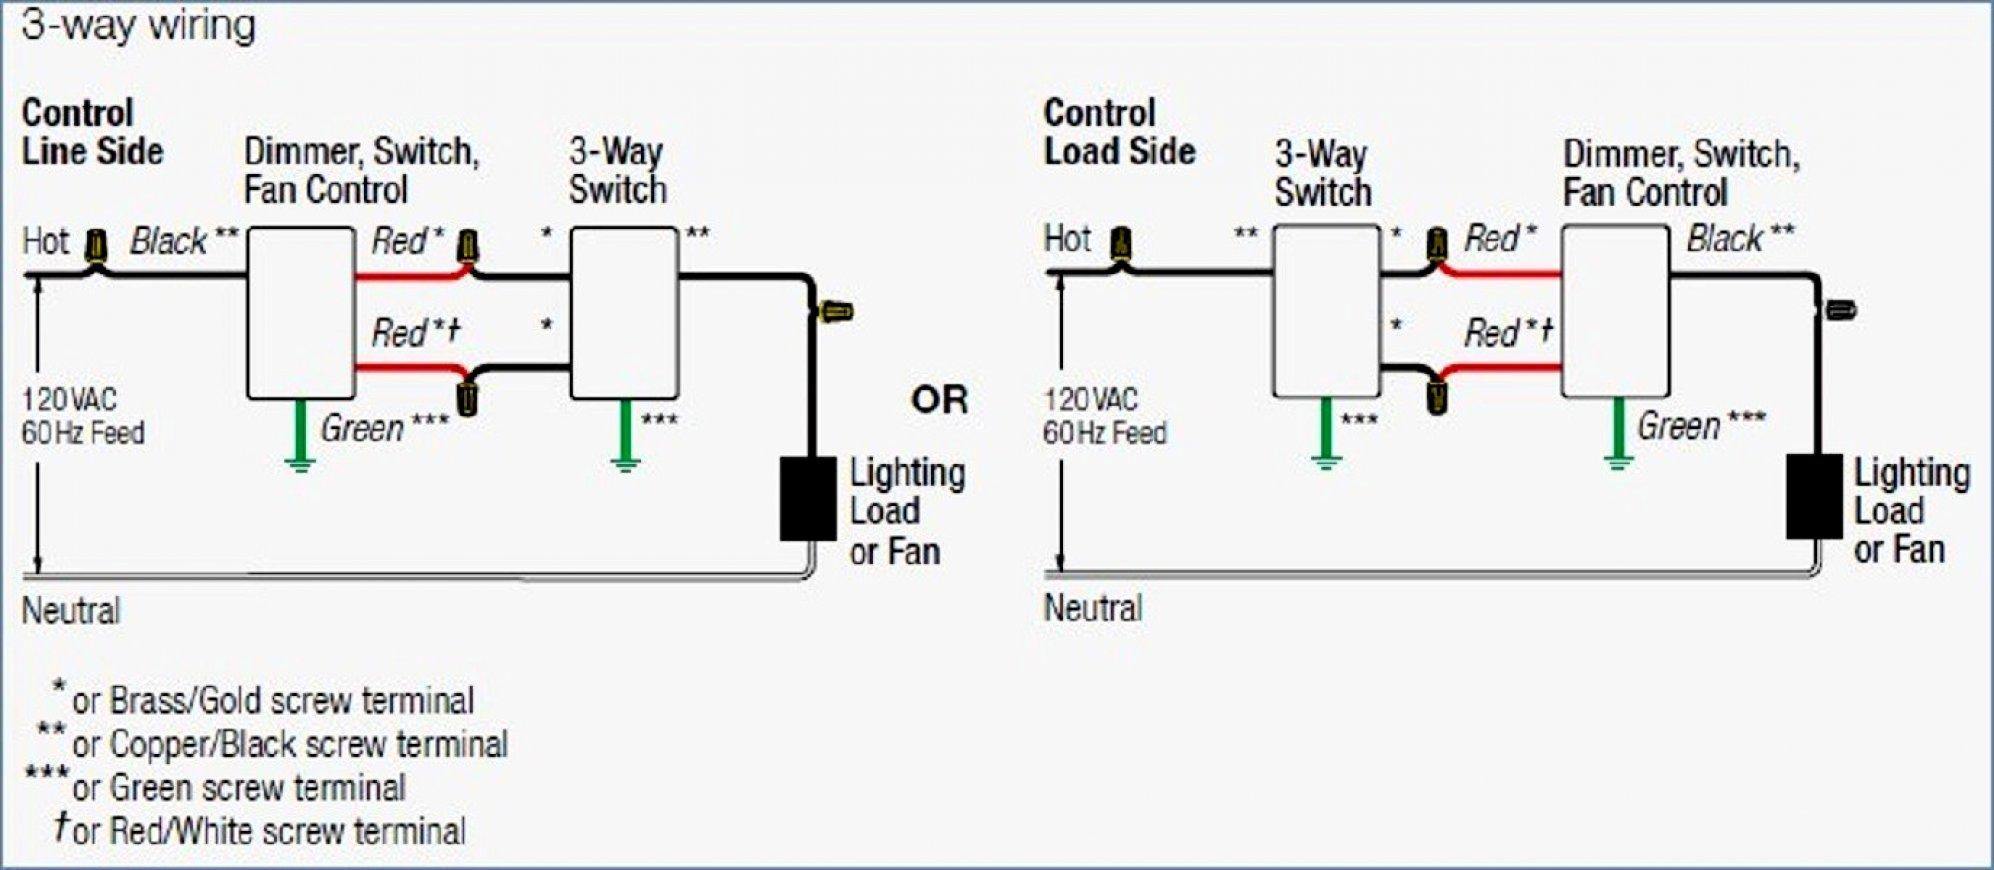 Ceiling Fan Lutron 3 Way Dimmer Wiring Diagram   Wiring Diagram - Lutron 3 Way Dimmer Wiring Diagram